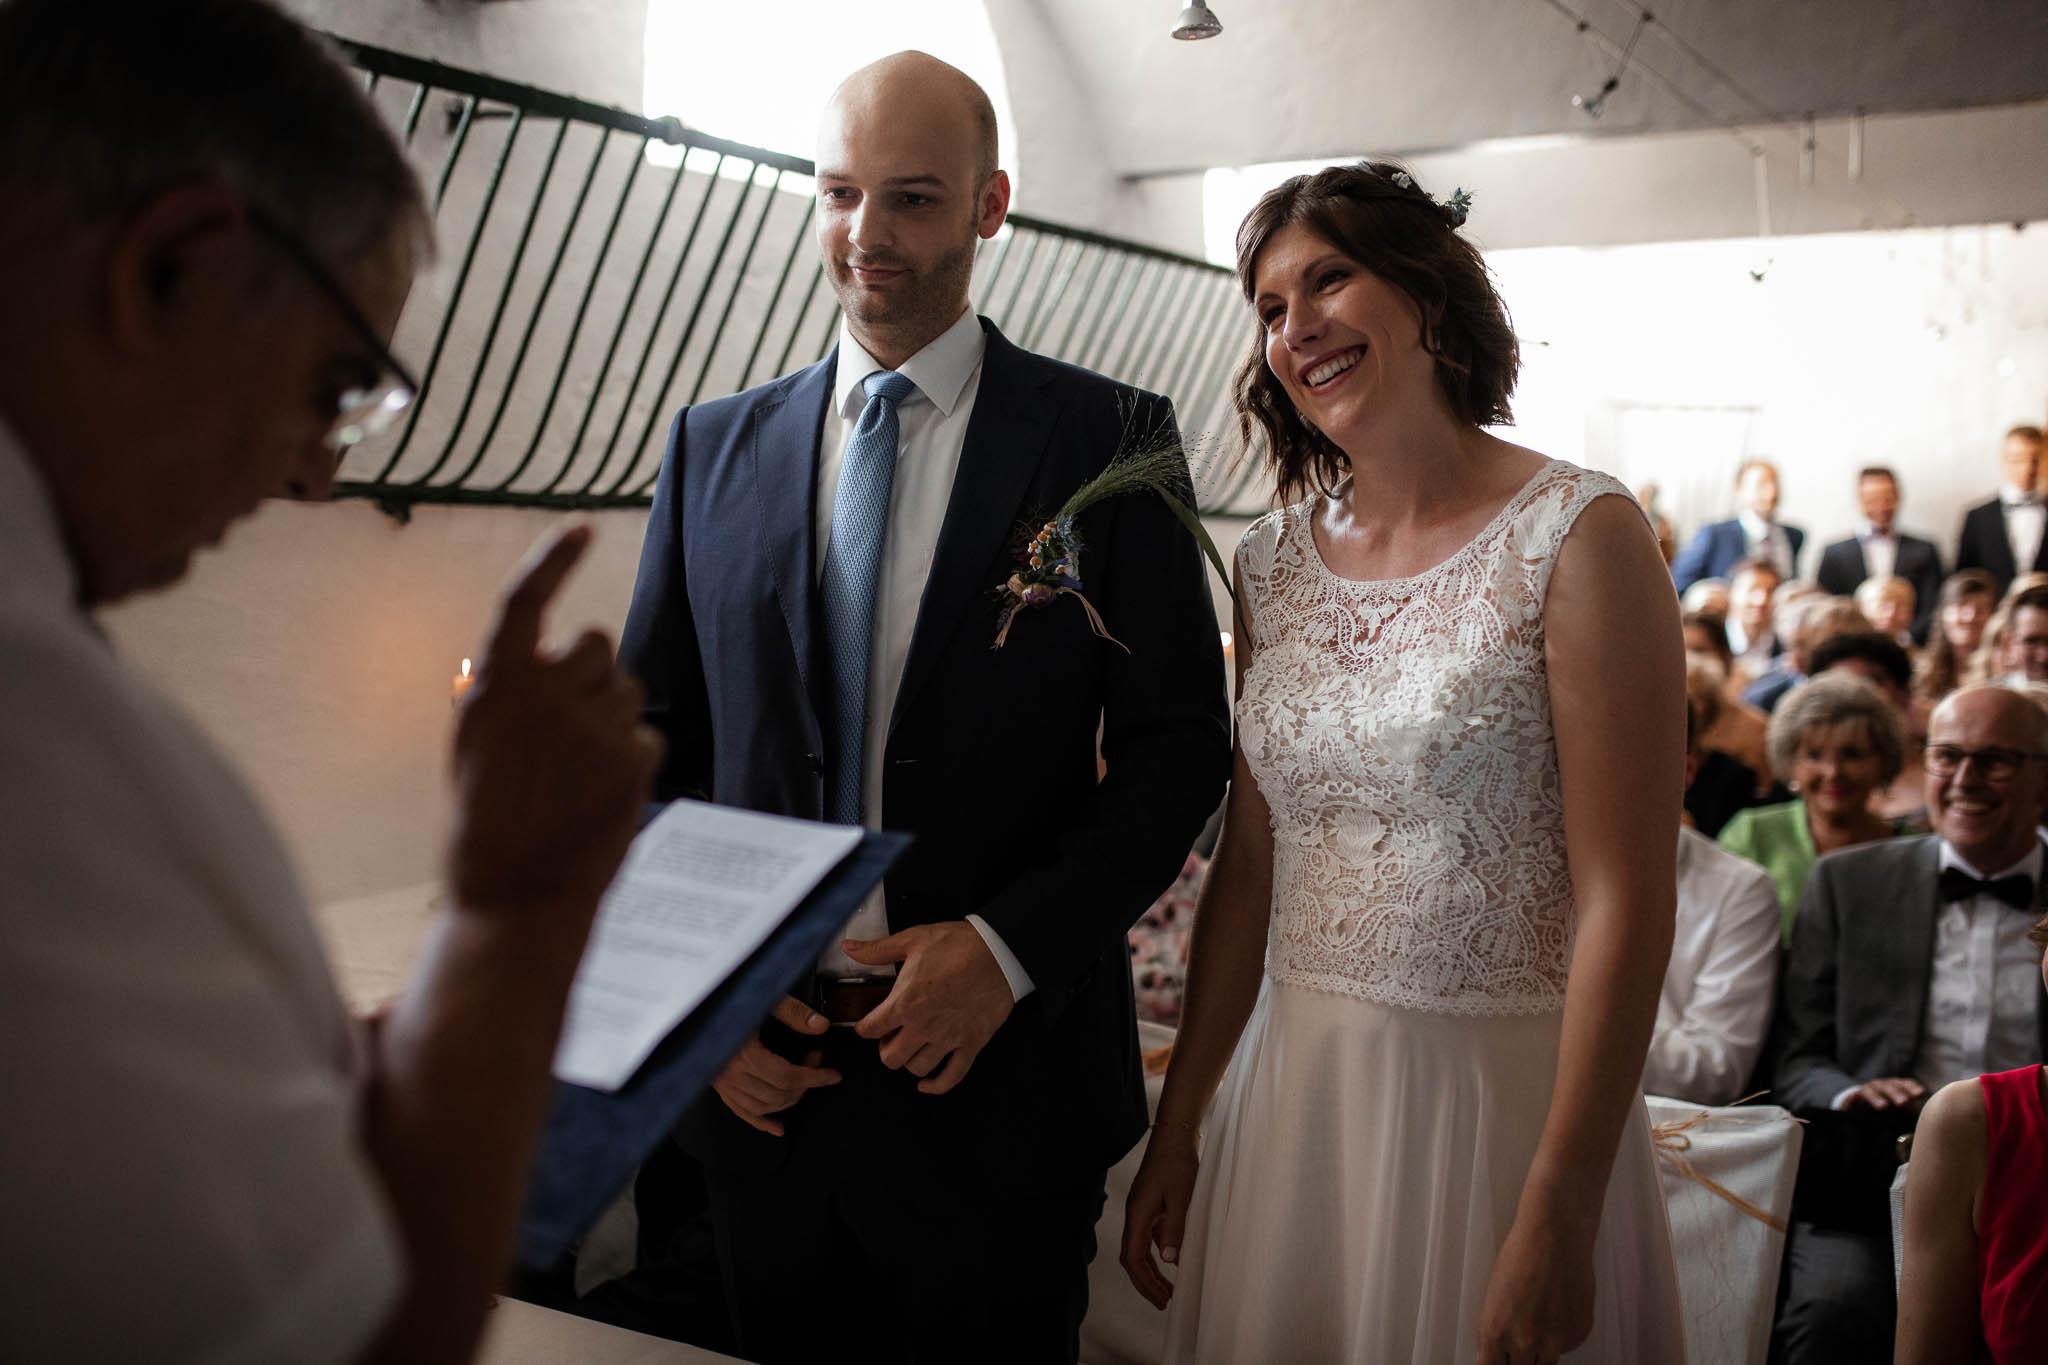 Die Hochzeitsscheune in Guntersblum: Ina und Johannes kurz nach dem Ja-Wort.